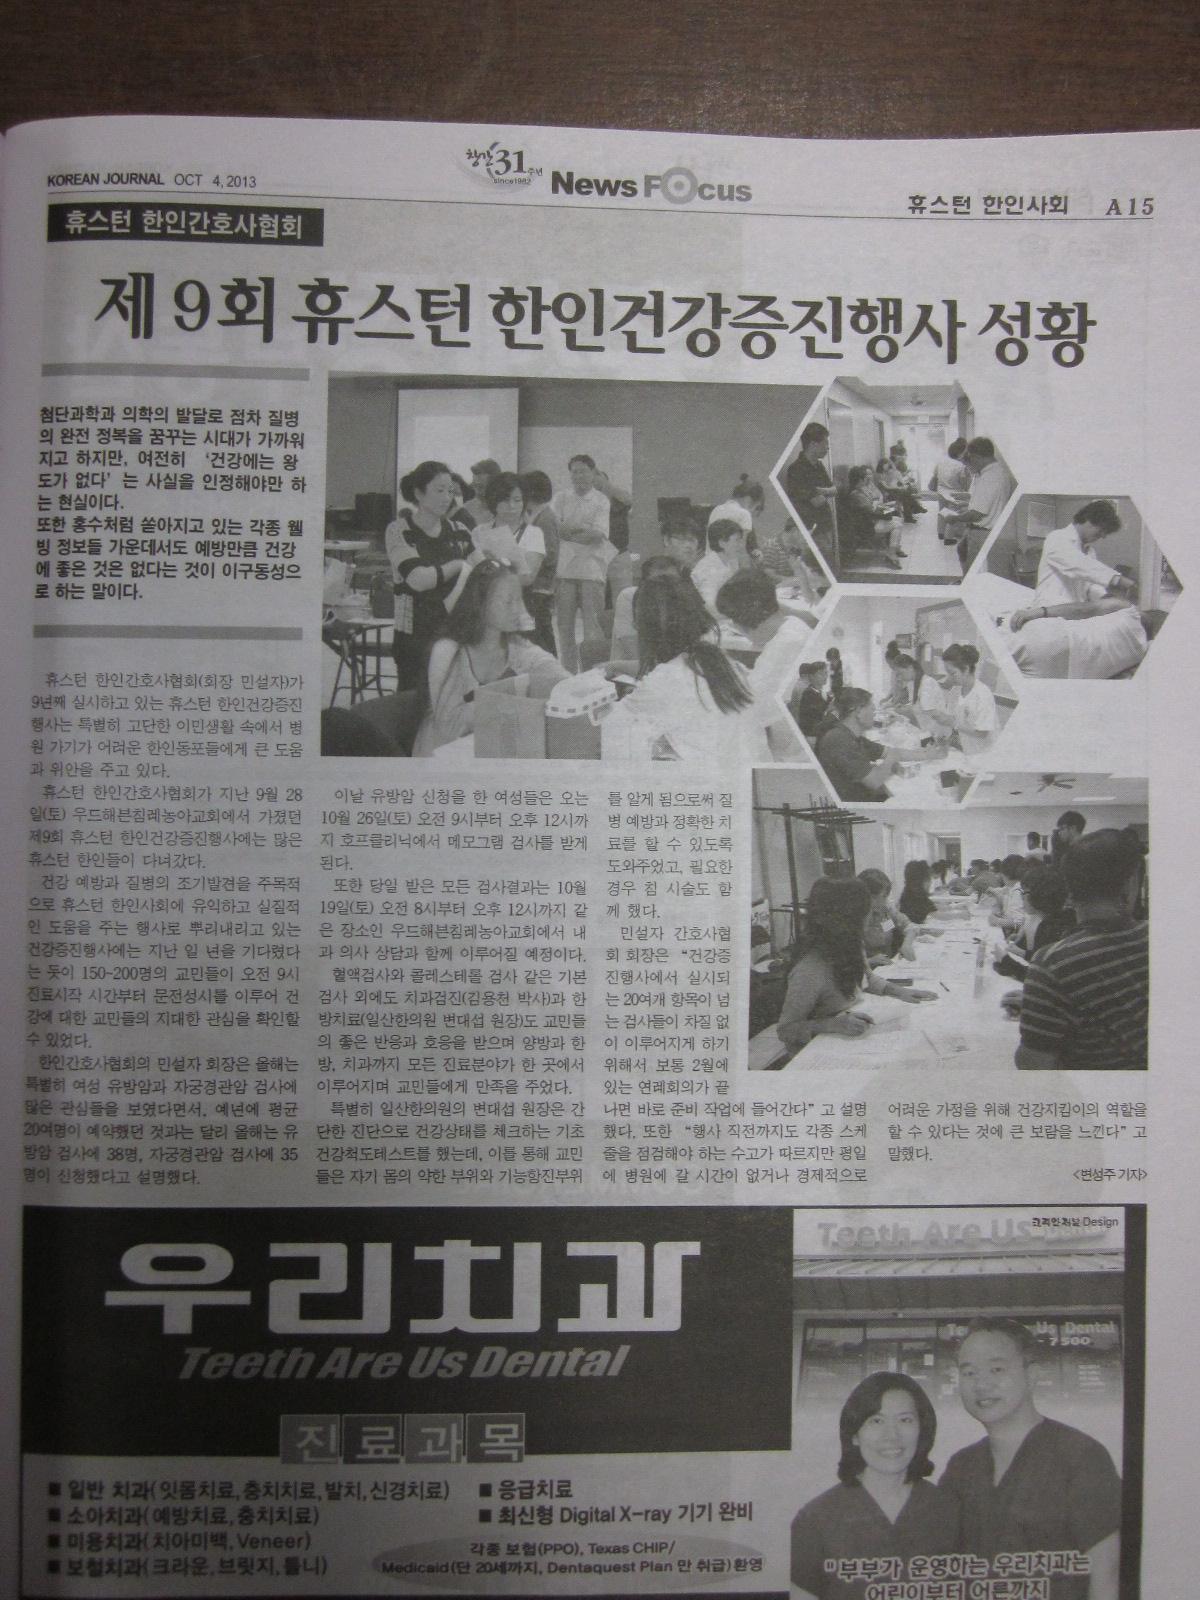 Korea Journal on Oct.05 2013